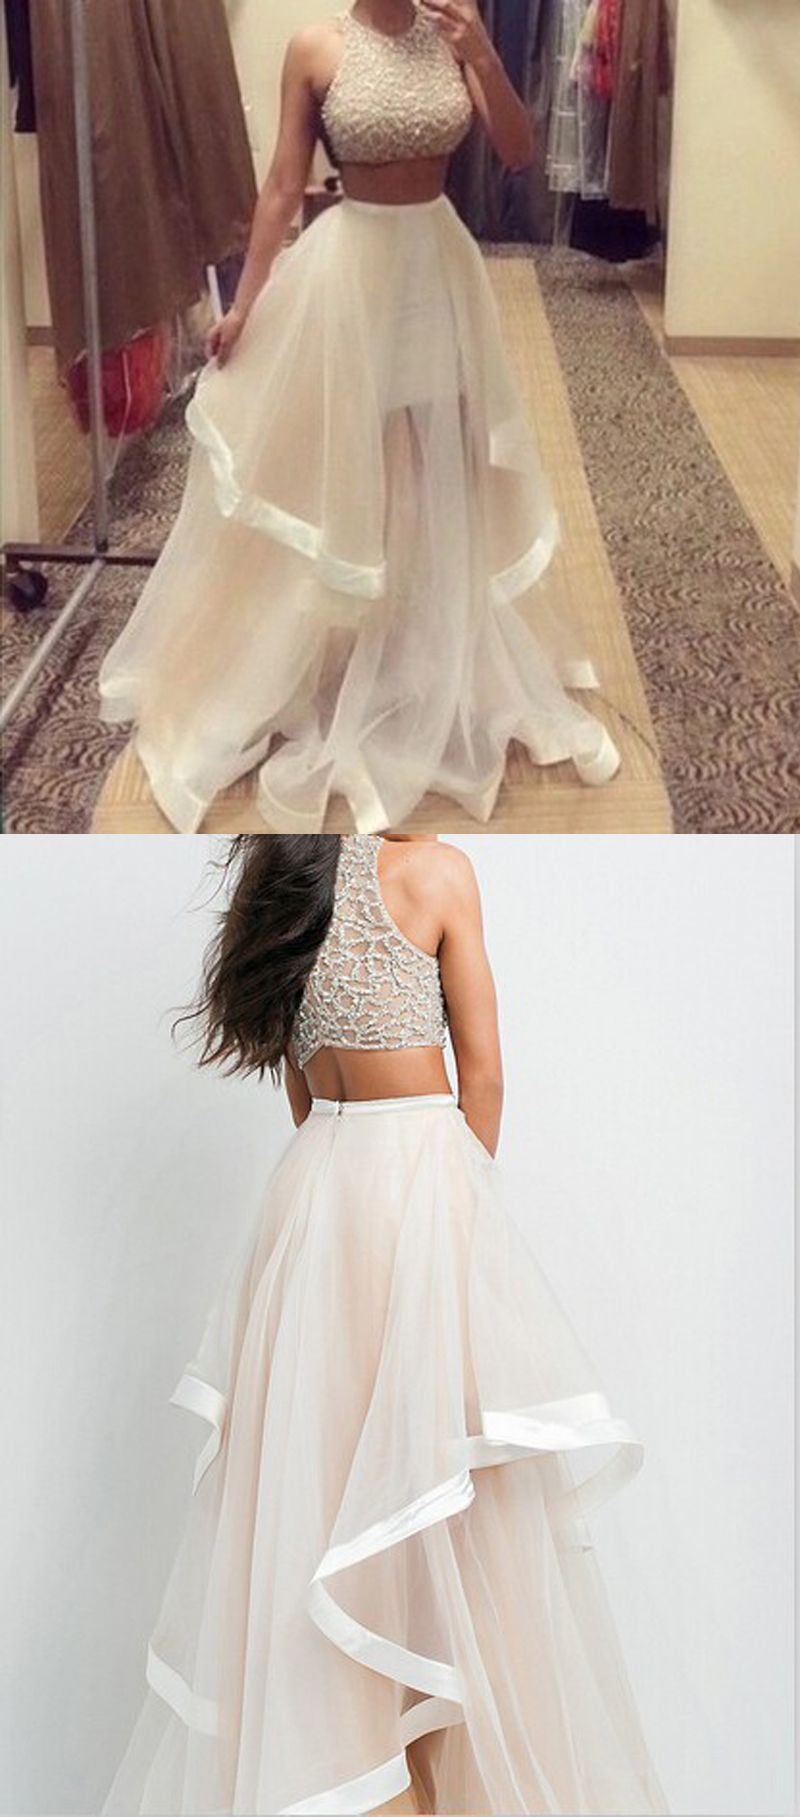 Inspiring 15 Best Prom Dress Inspiration https://fazhion.co/15